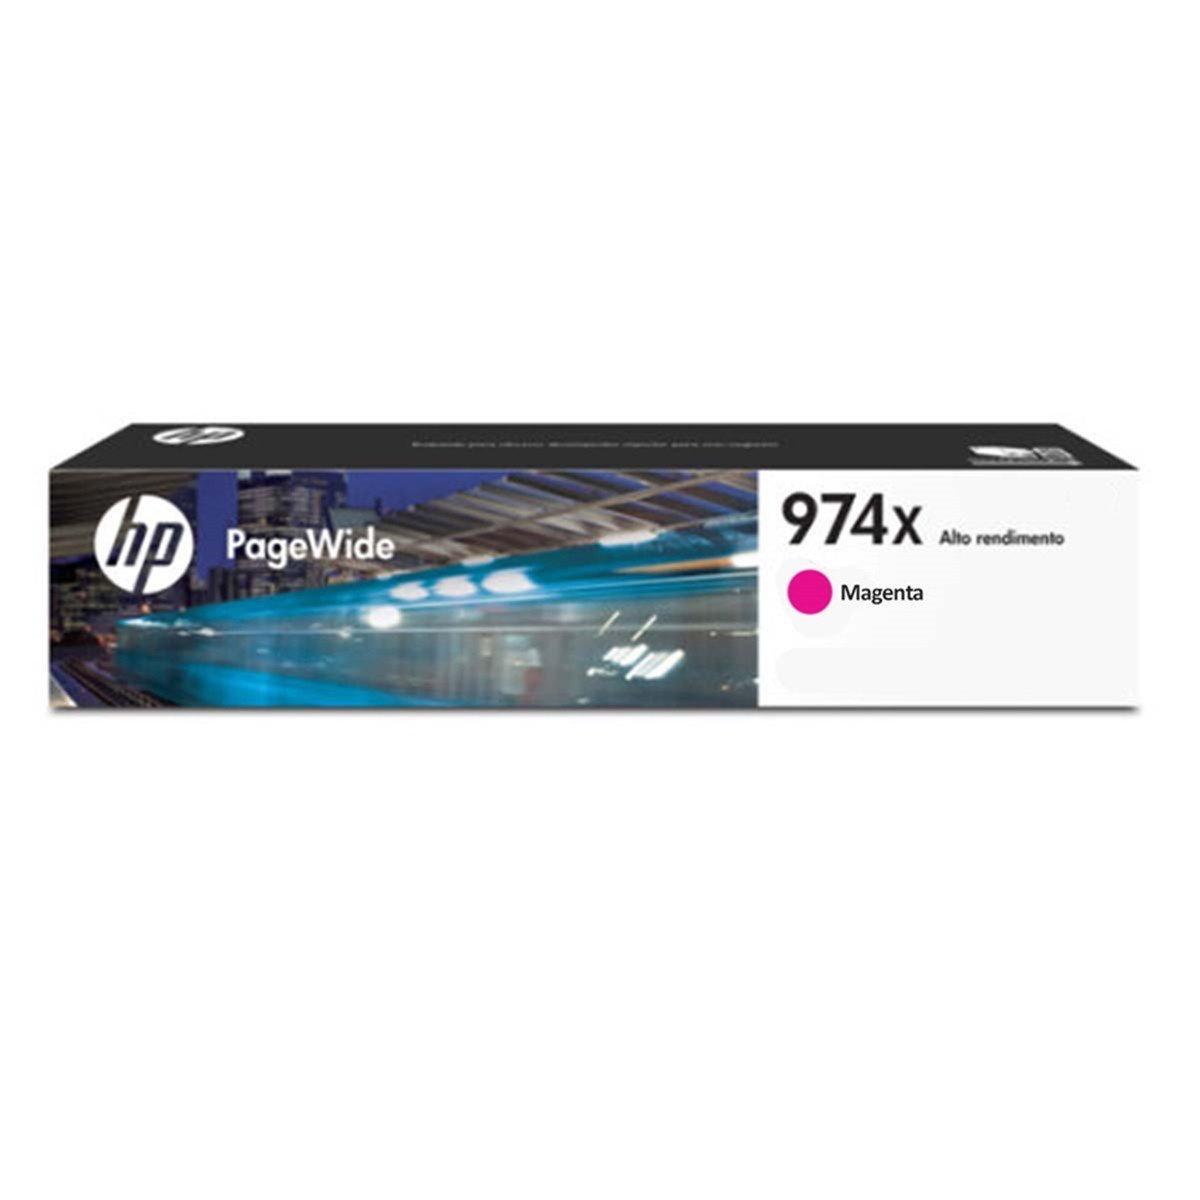 Cartucho HP 974X magenta L0S02AL_5 HP CX 1 UN